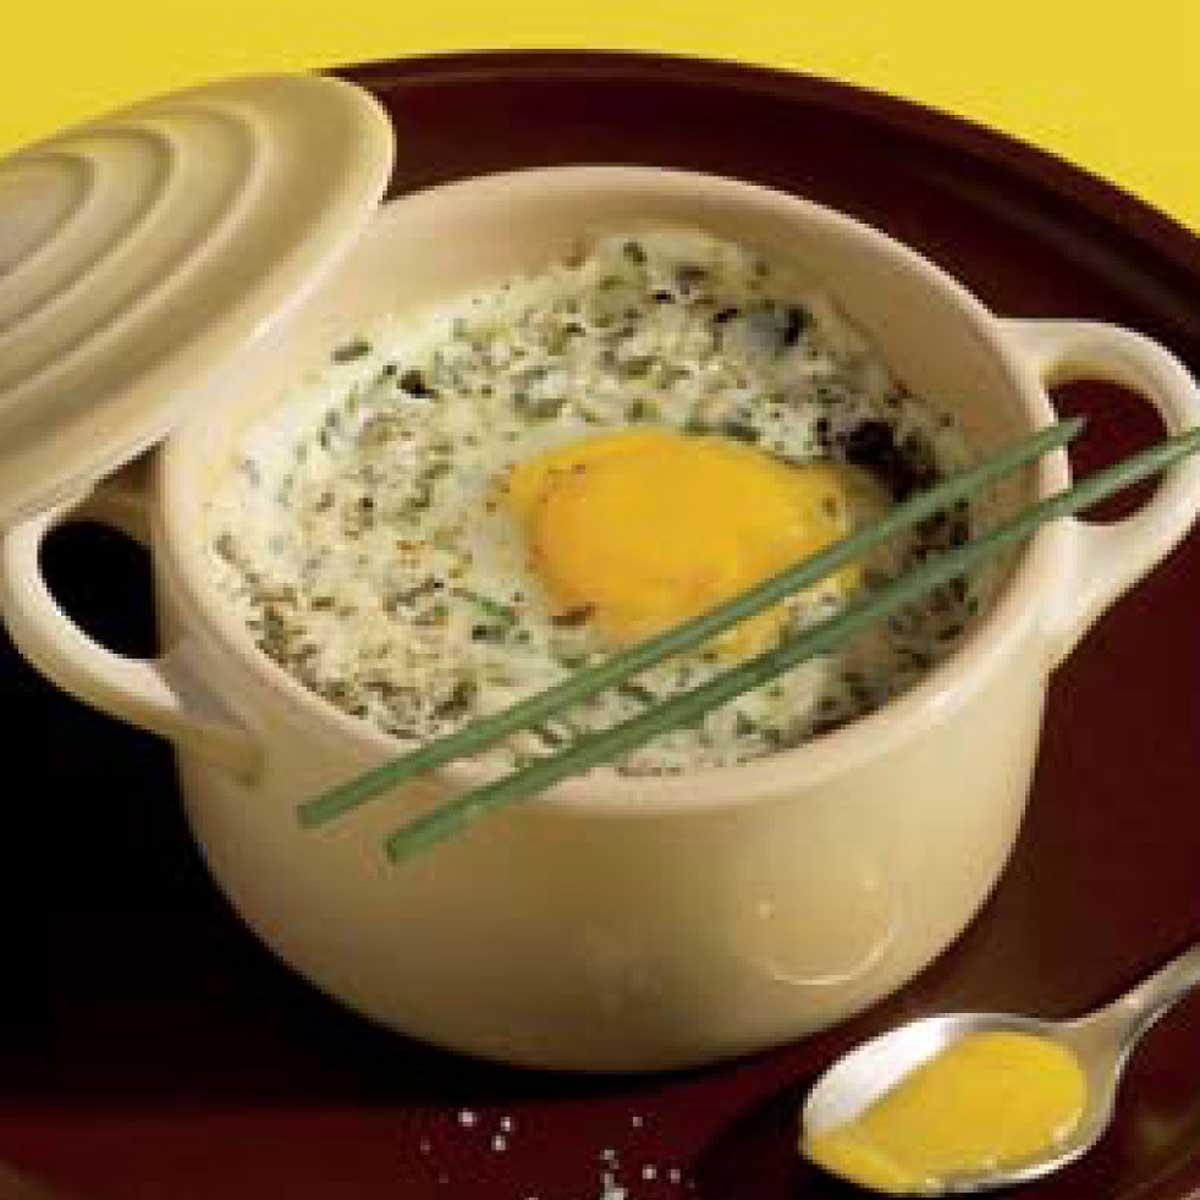 recette uf de caille en cocotte et en faisselle fa on cervelle de canut cuisine madame figaro. Black Bedroom Furniture Sets. Home Design Ideas